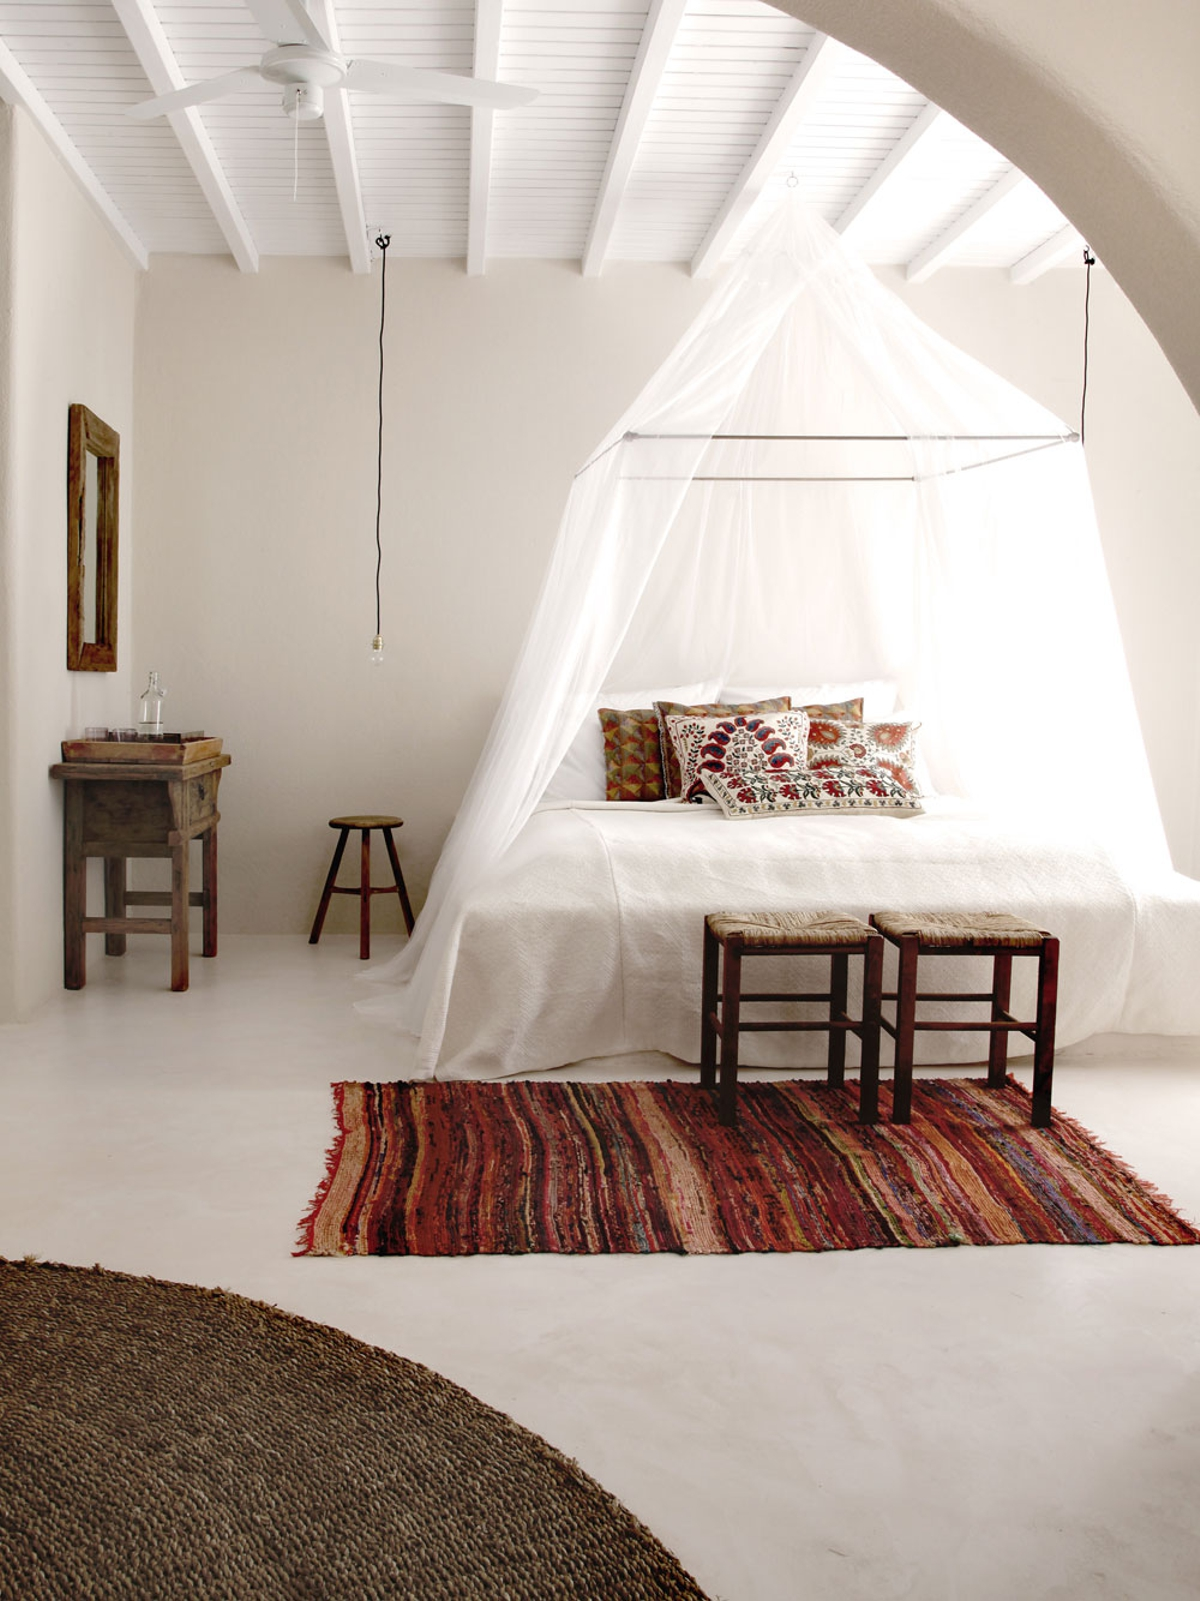 dormitorio para el verano- mosquitera en el dormitorio